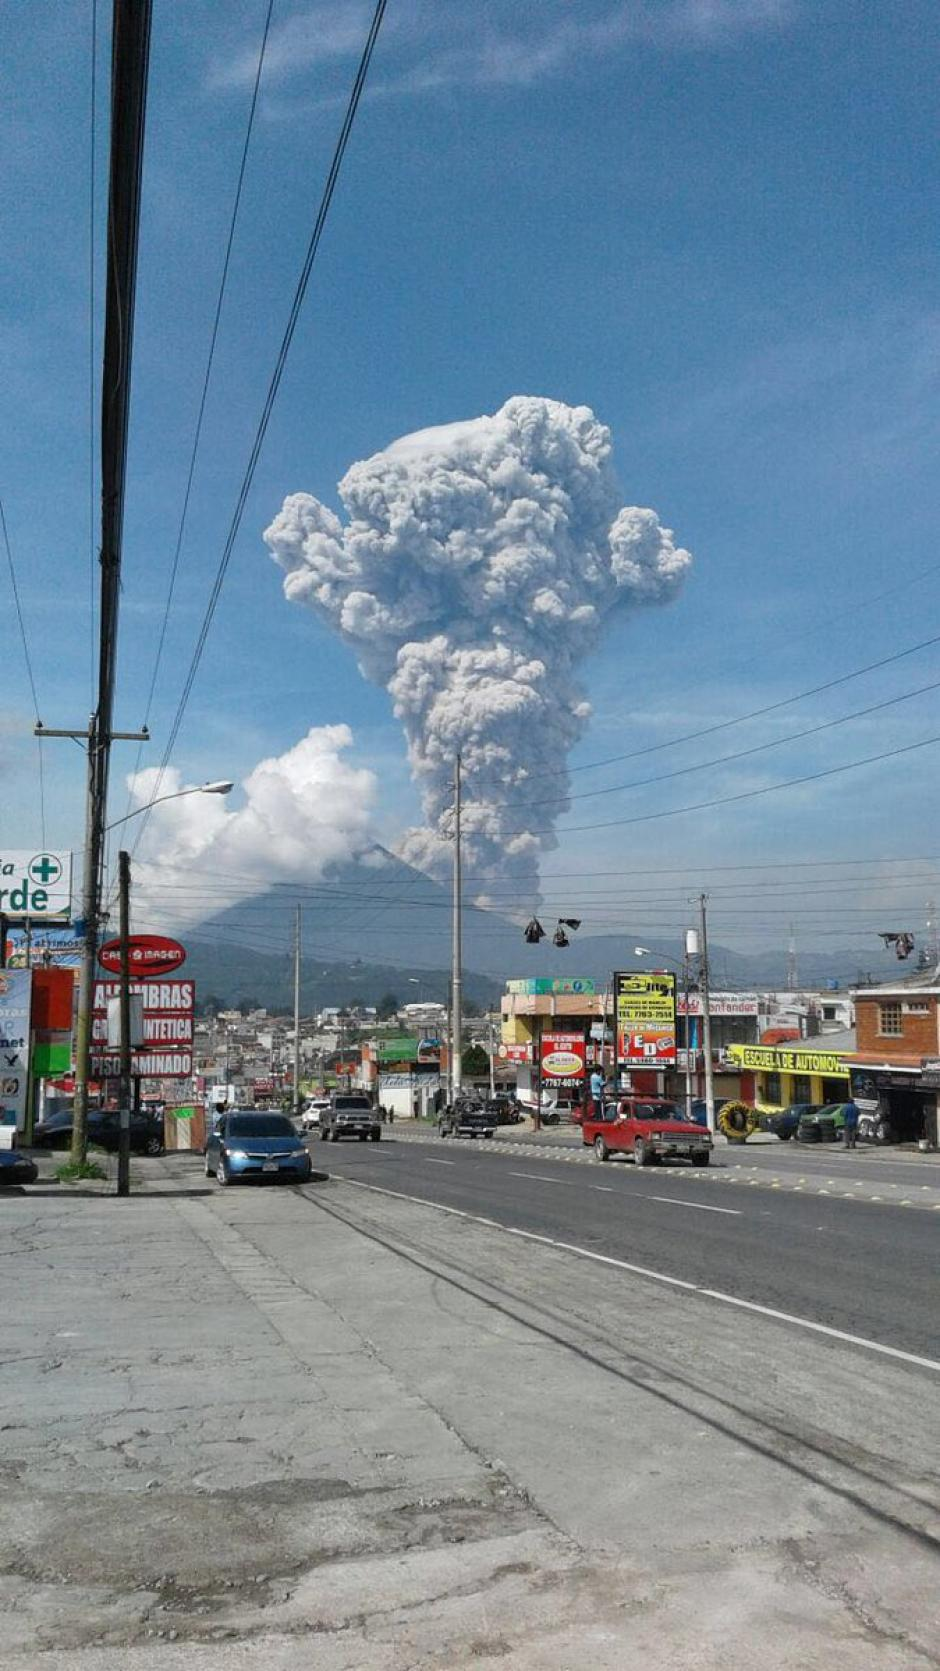 De diferentes puntos del suroccidente de Guatemala se pudo ver la explosión del Volcán Santiaguito. (Foto: Stereo100)